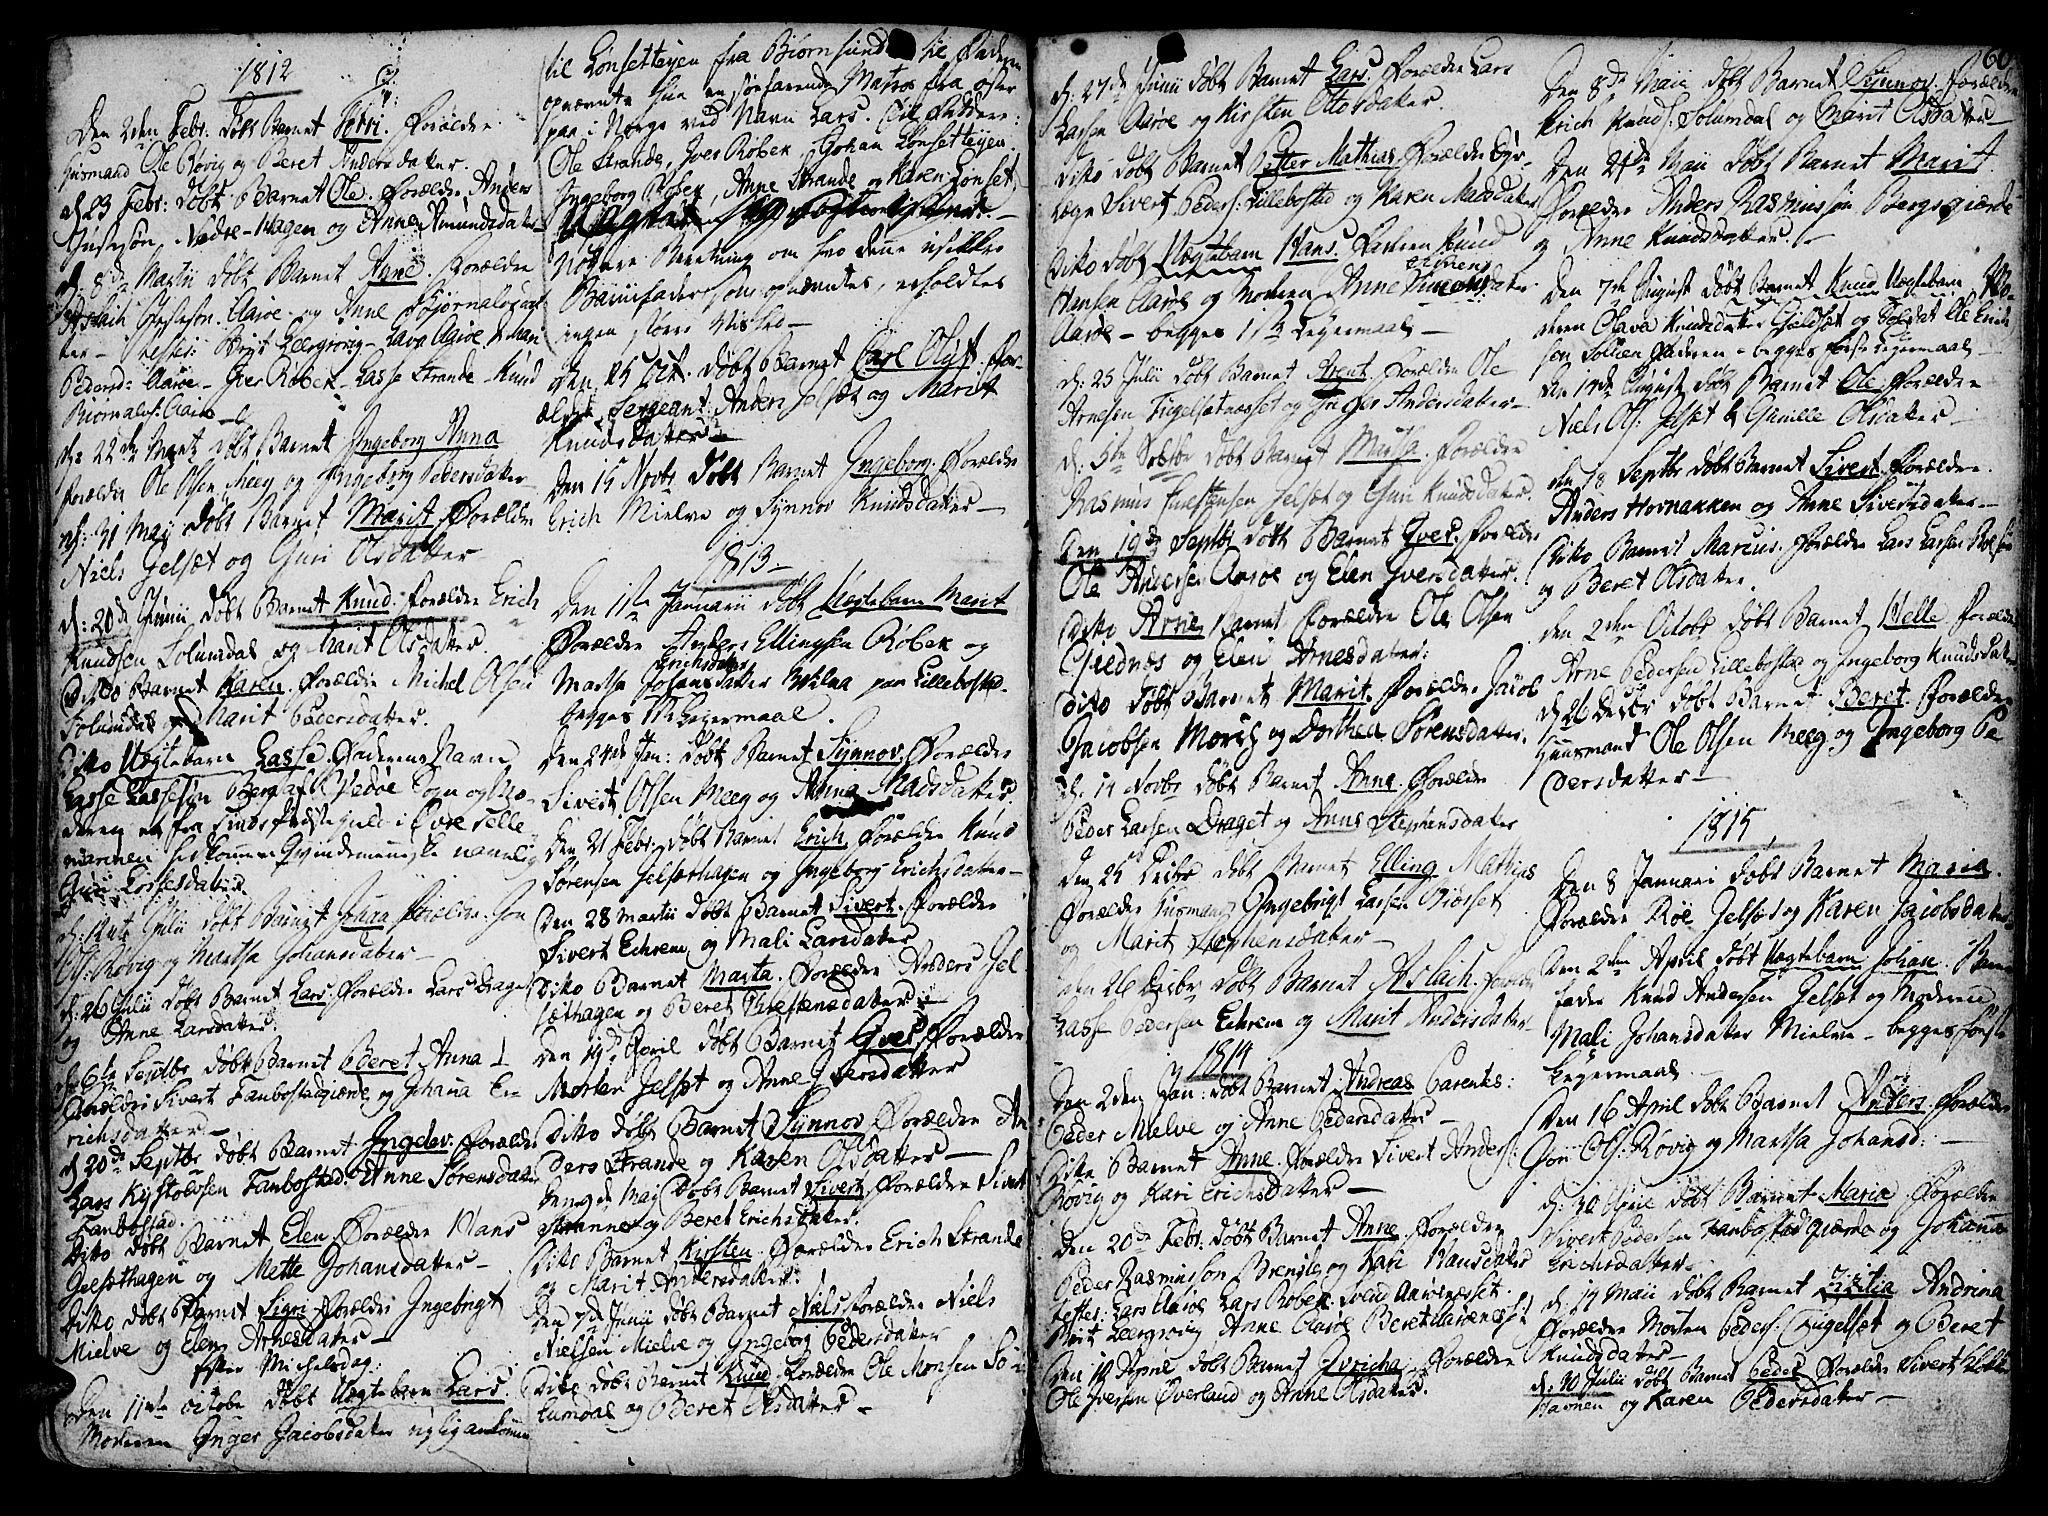 SAT, Ministerialprotokoller, klokkerbøker og fødselsregistre - Møre og Romsdal, 555/L0649: Ministerialbok nr. 555A02 /1, 1795-1821, s. 60